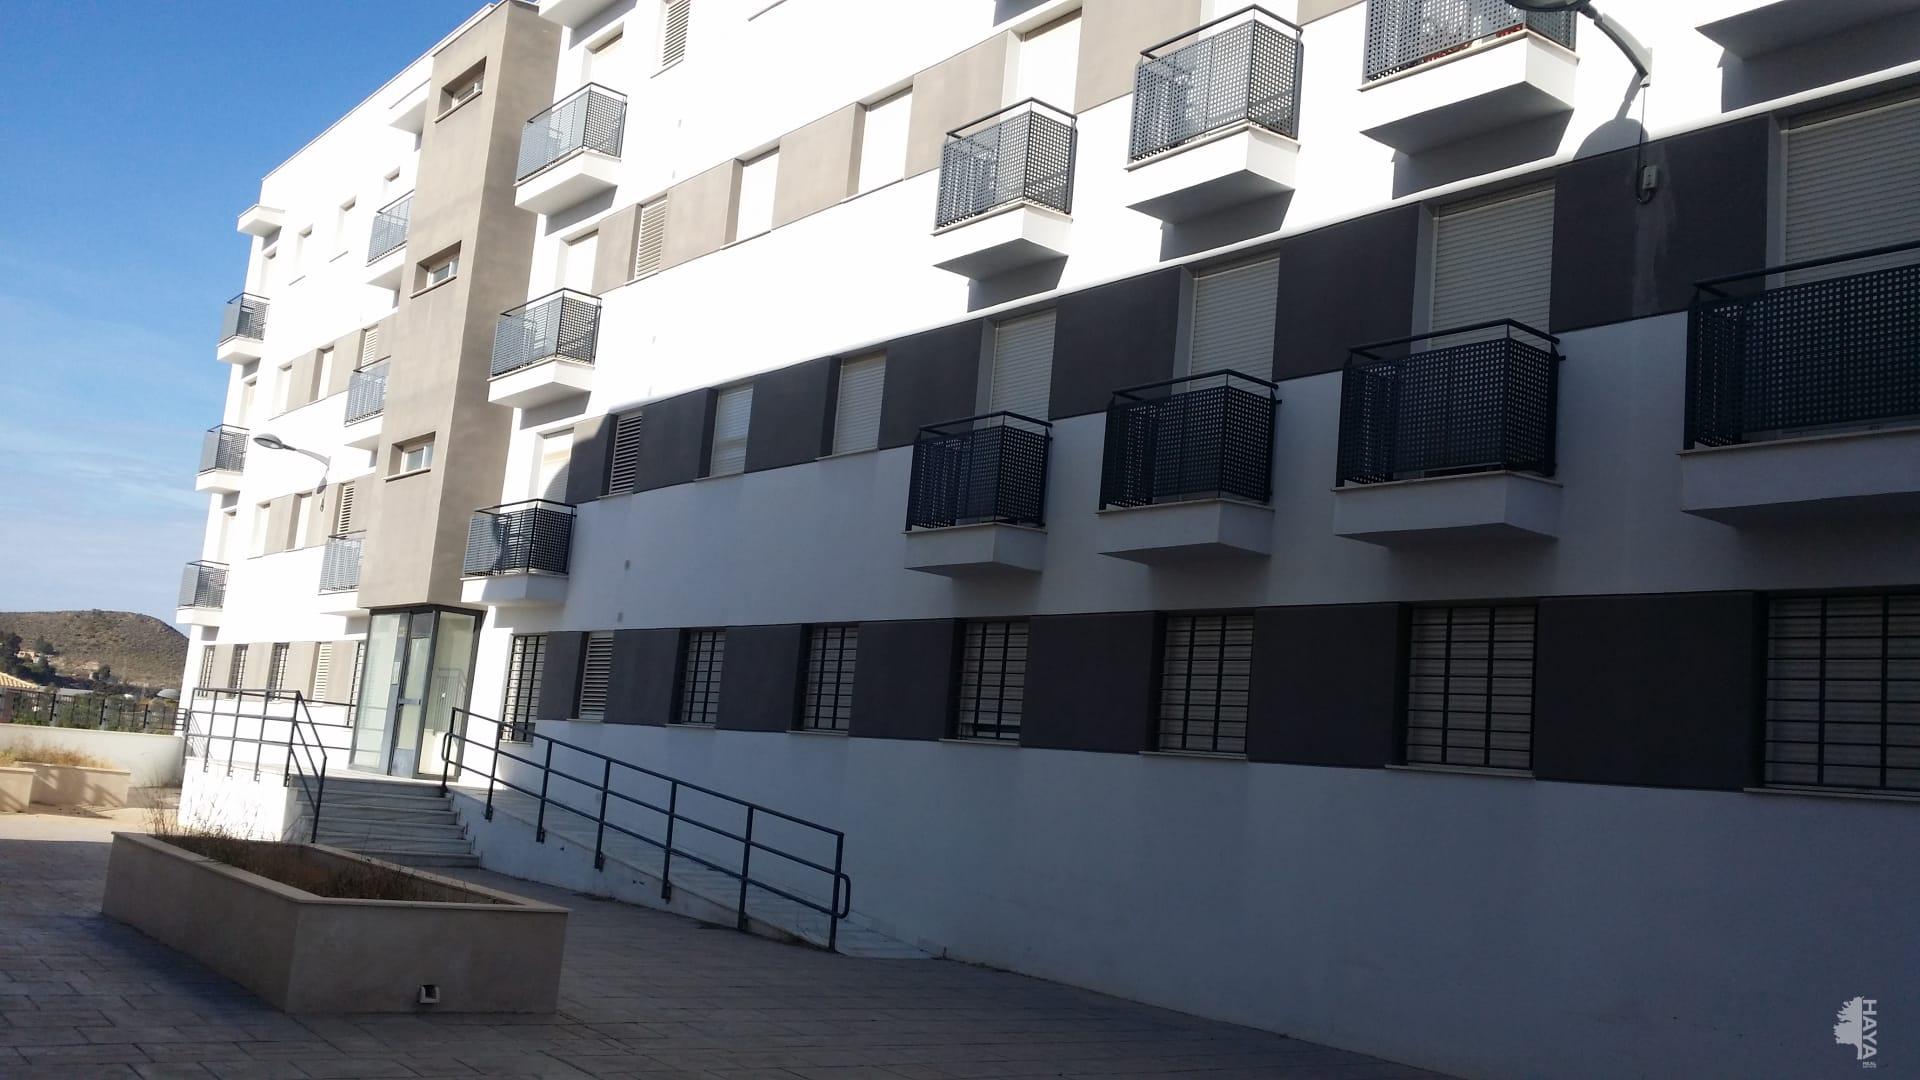 Piso en venta en Olula del Río, Almería, Calle Alta, 65.700 €, 3 habitaciones, 1 baño, 98 m2